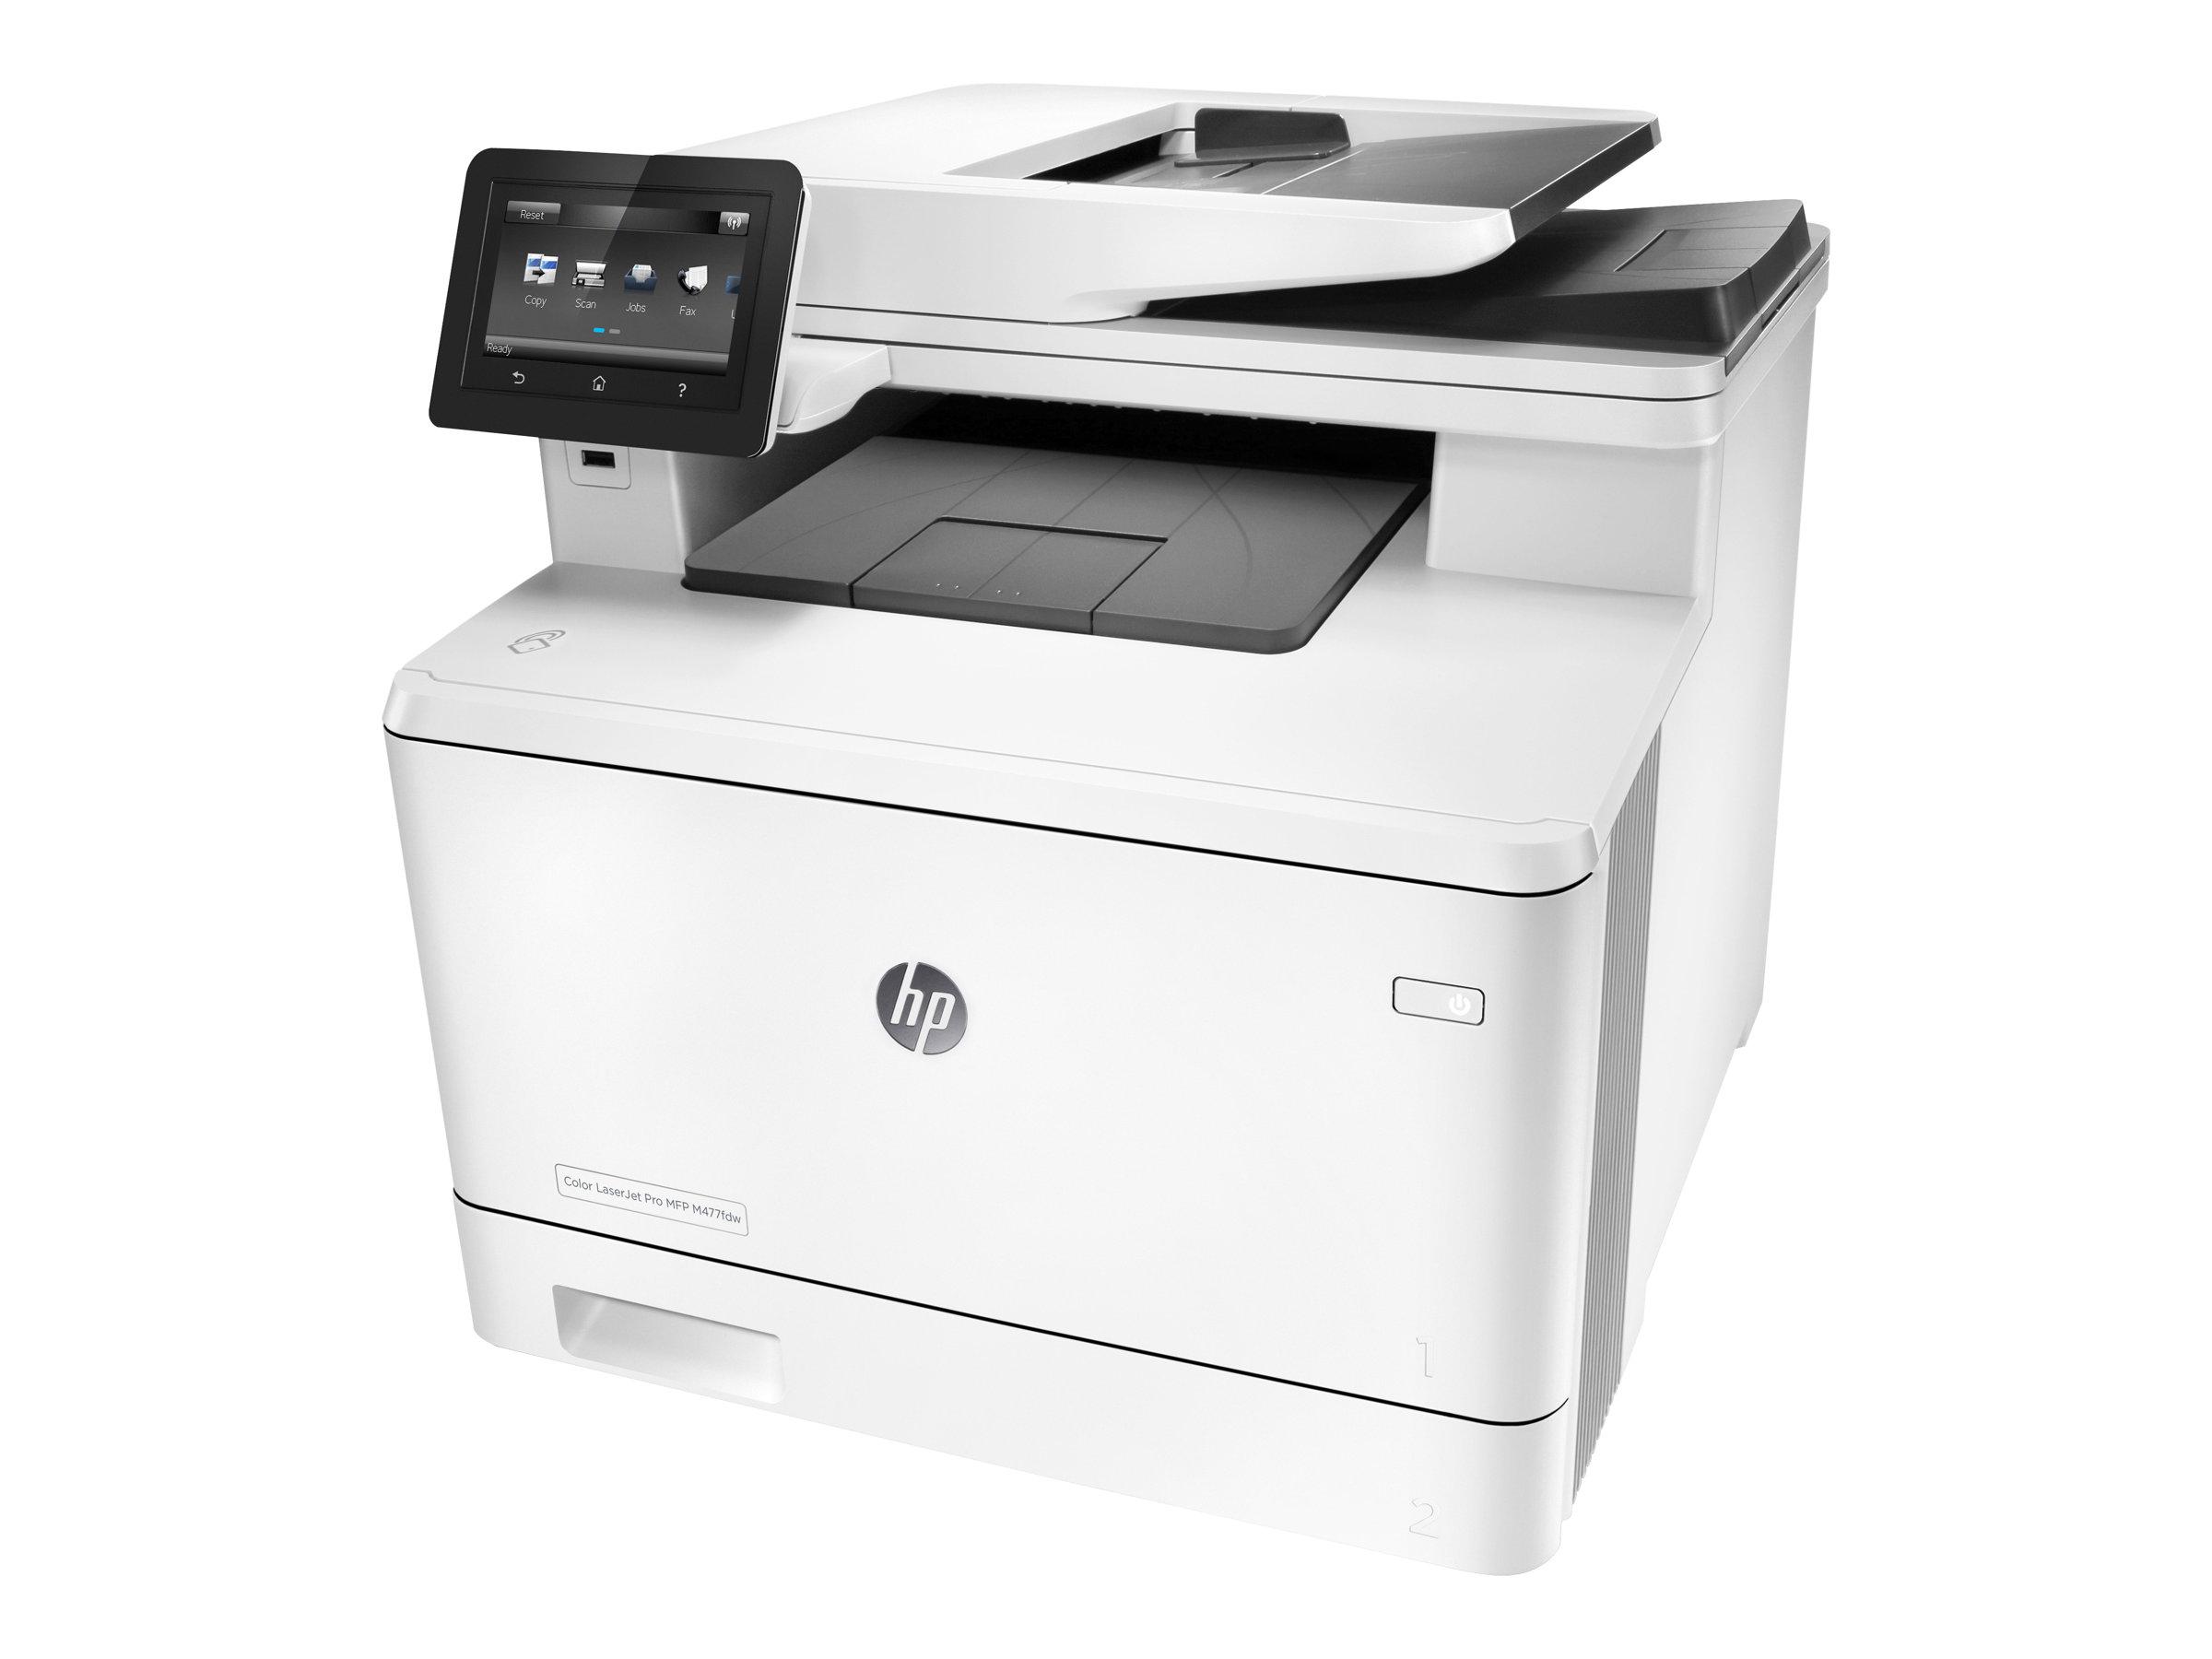 HP Color LaserJet Pro MFP M477fdw - Multifunktionsdrucker - Farbe - Laser - Legal (216 x 356 mm)